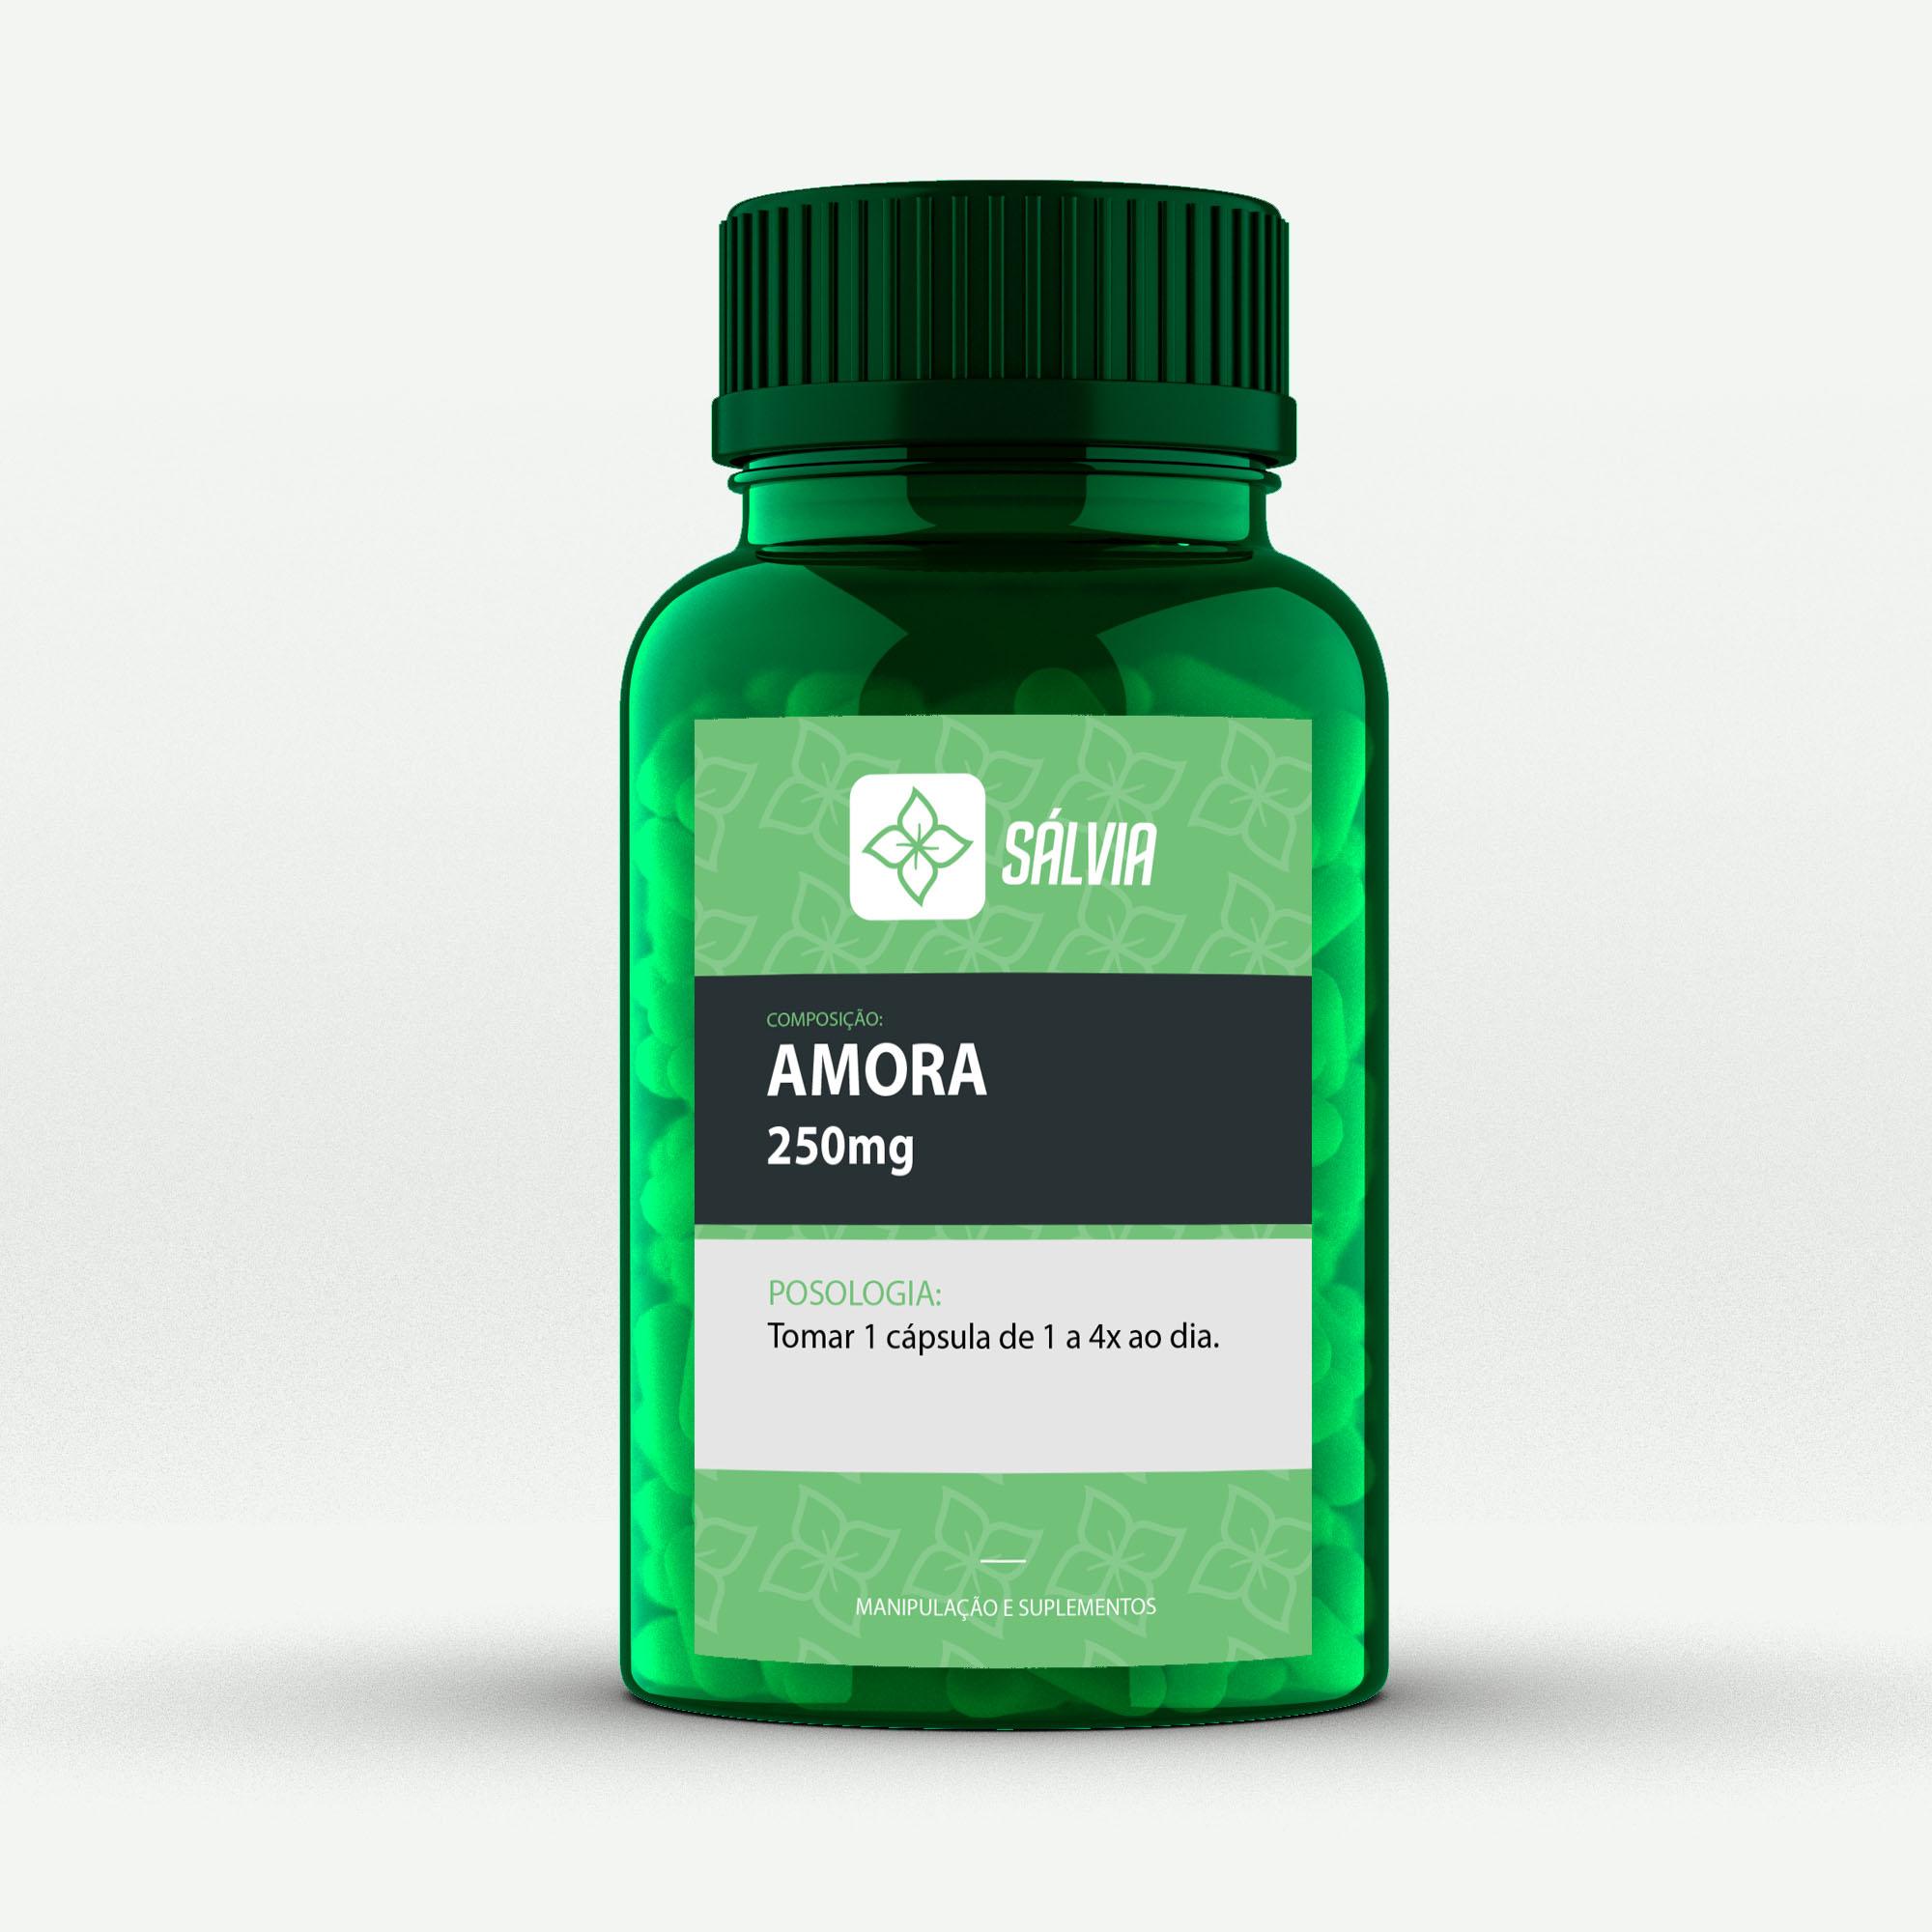 AMORA 250mg - Cápsulas